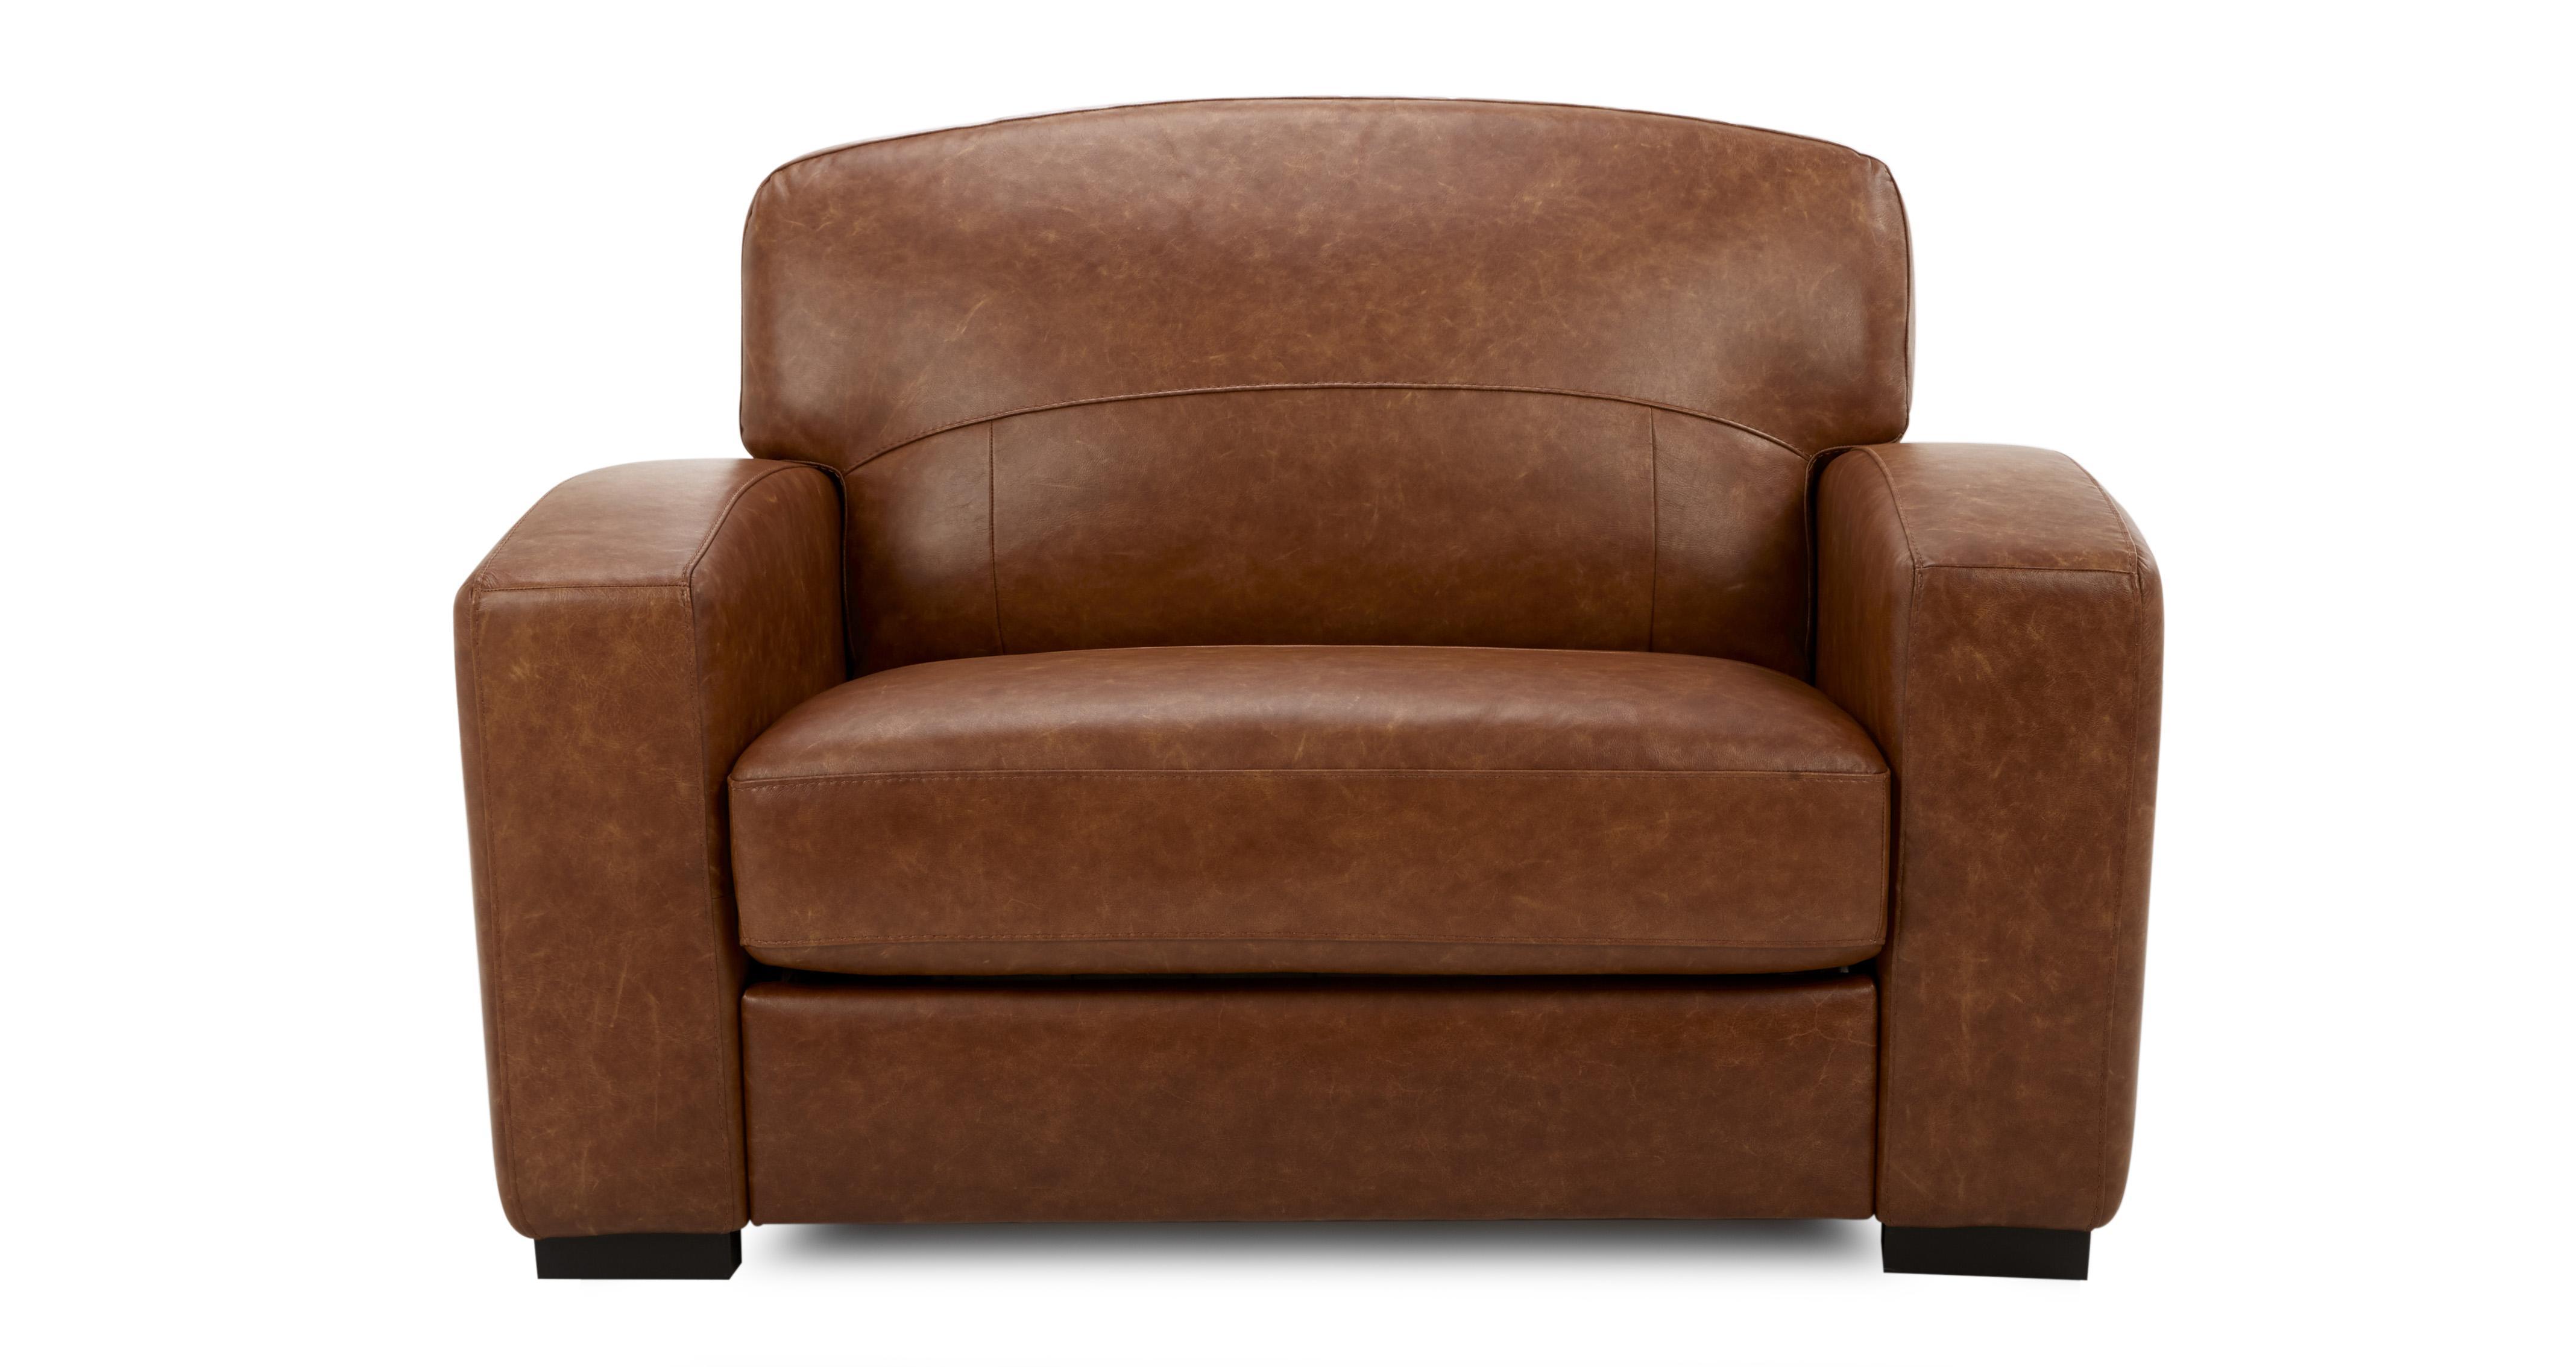 Cheap Sofas And Chairs Uk  Brokeasshomecom